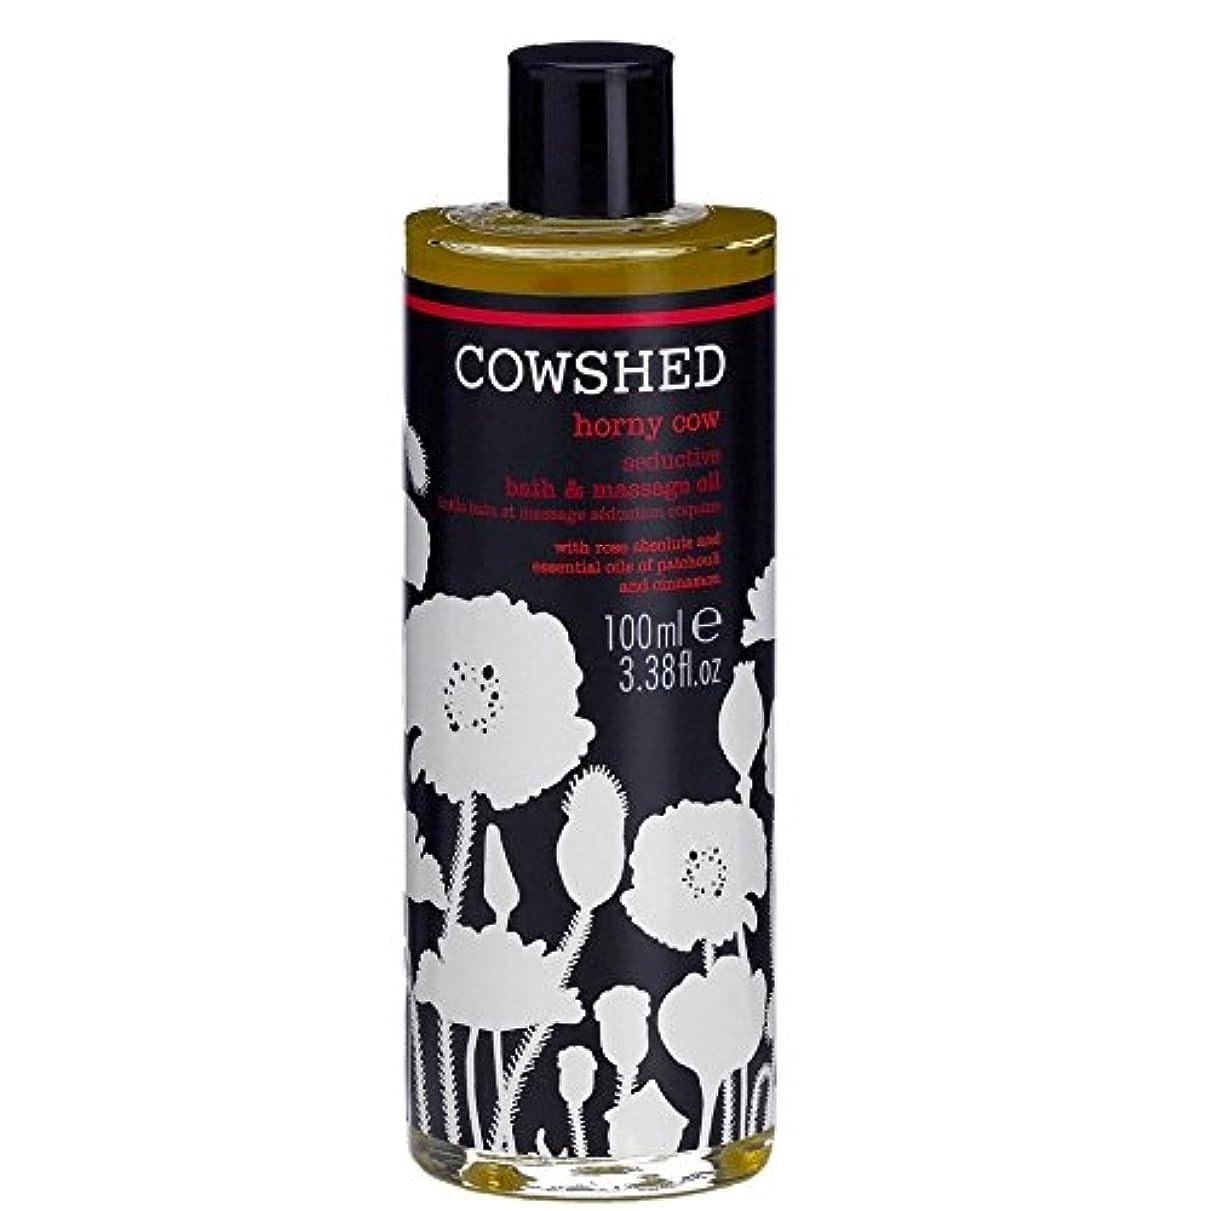 作者酸取るに足らない牛舎角質牛魅惑的なバス、ボディオイル100ミリリットル x2 - Cowshed Horny Cow Seductive Bath and Body Oil 100ml (Pack of 2) [並行輸入品]